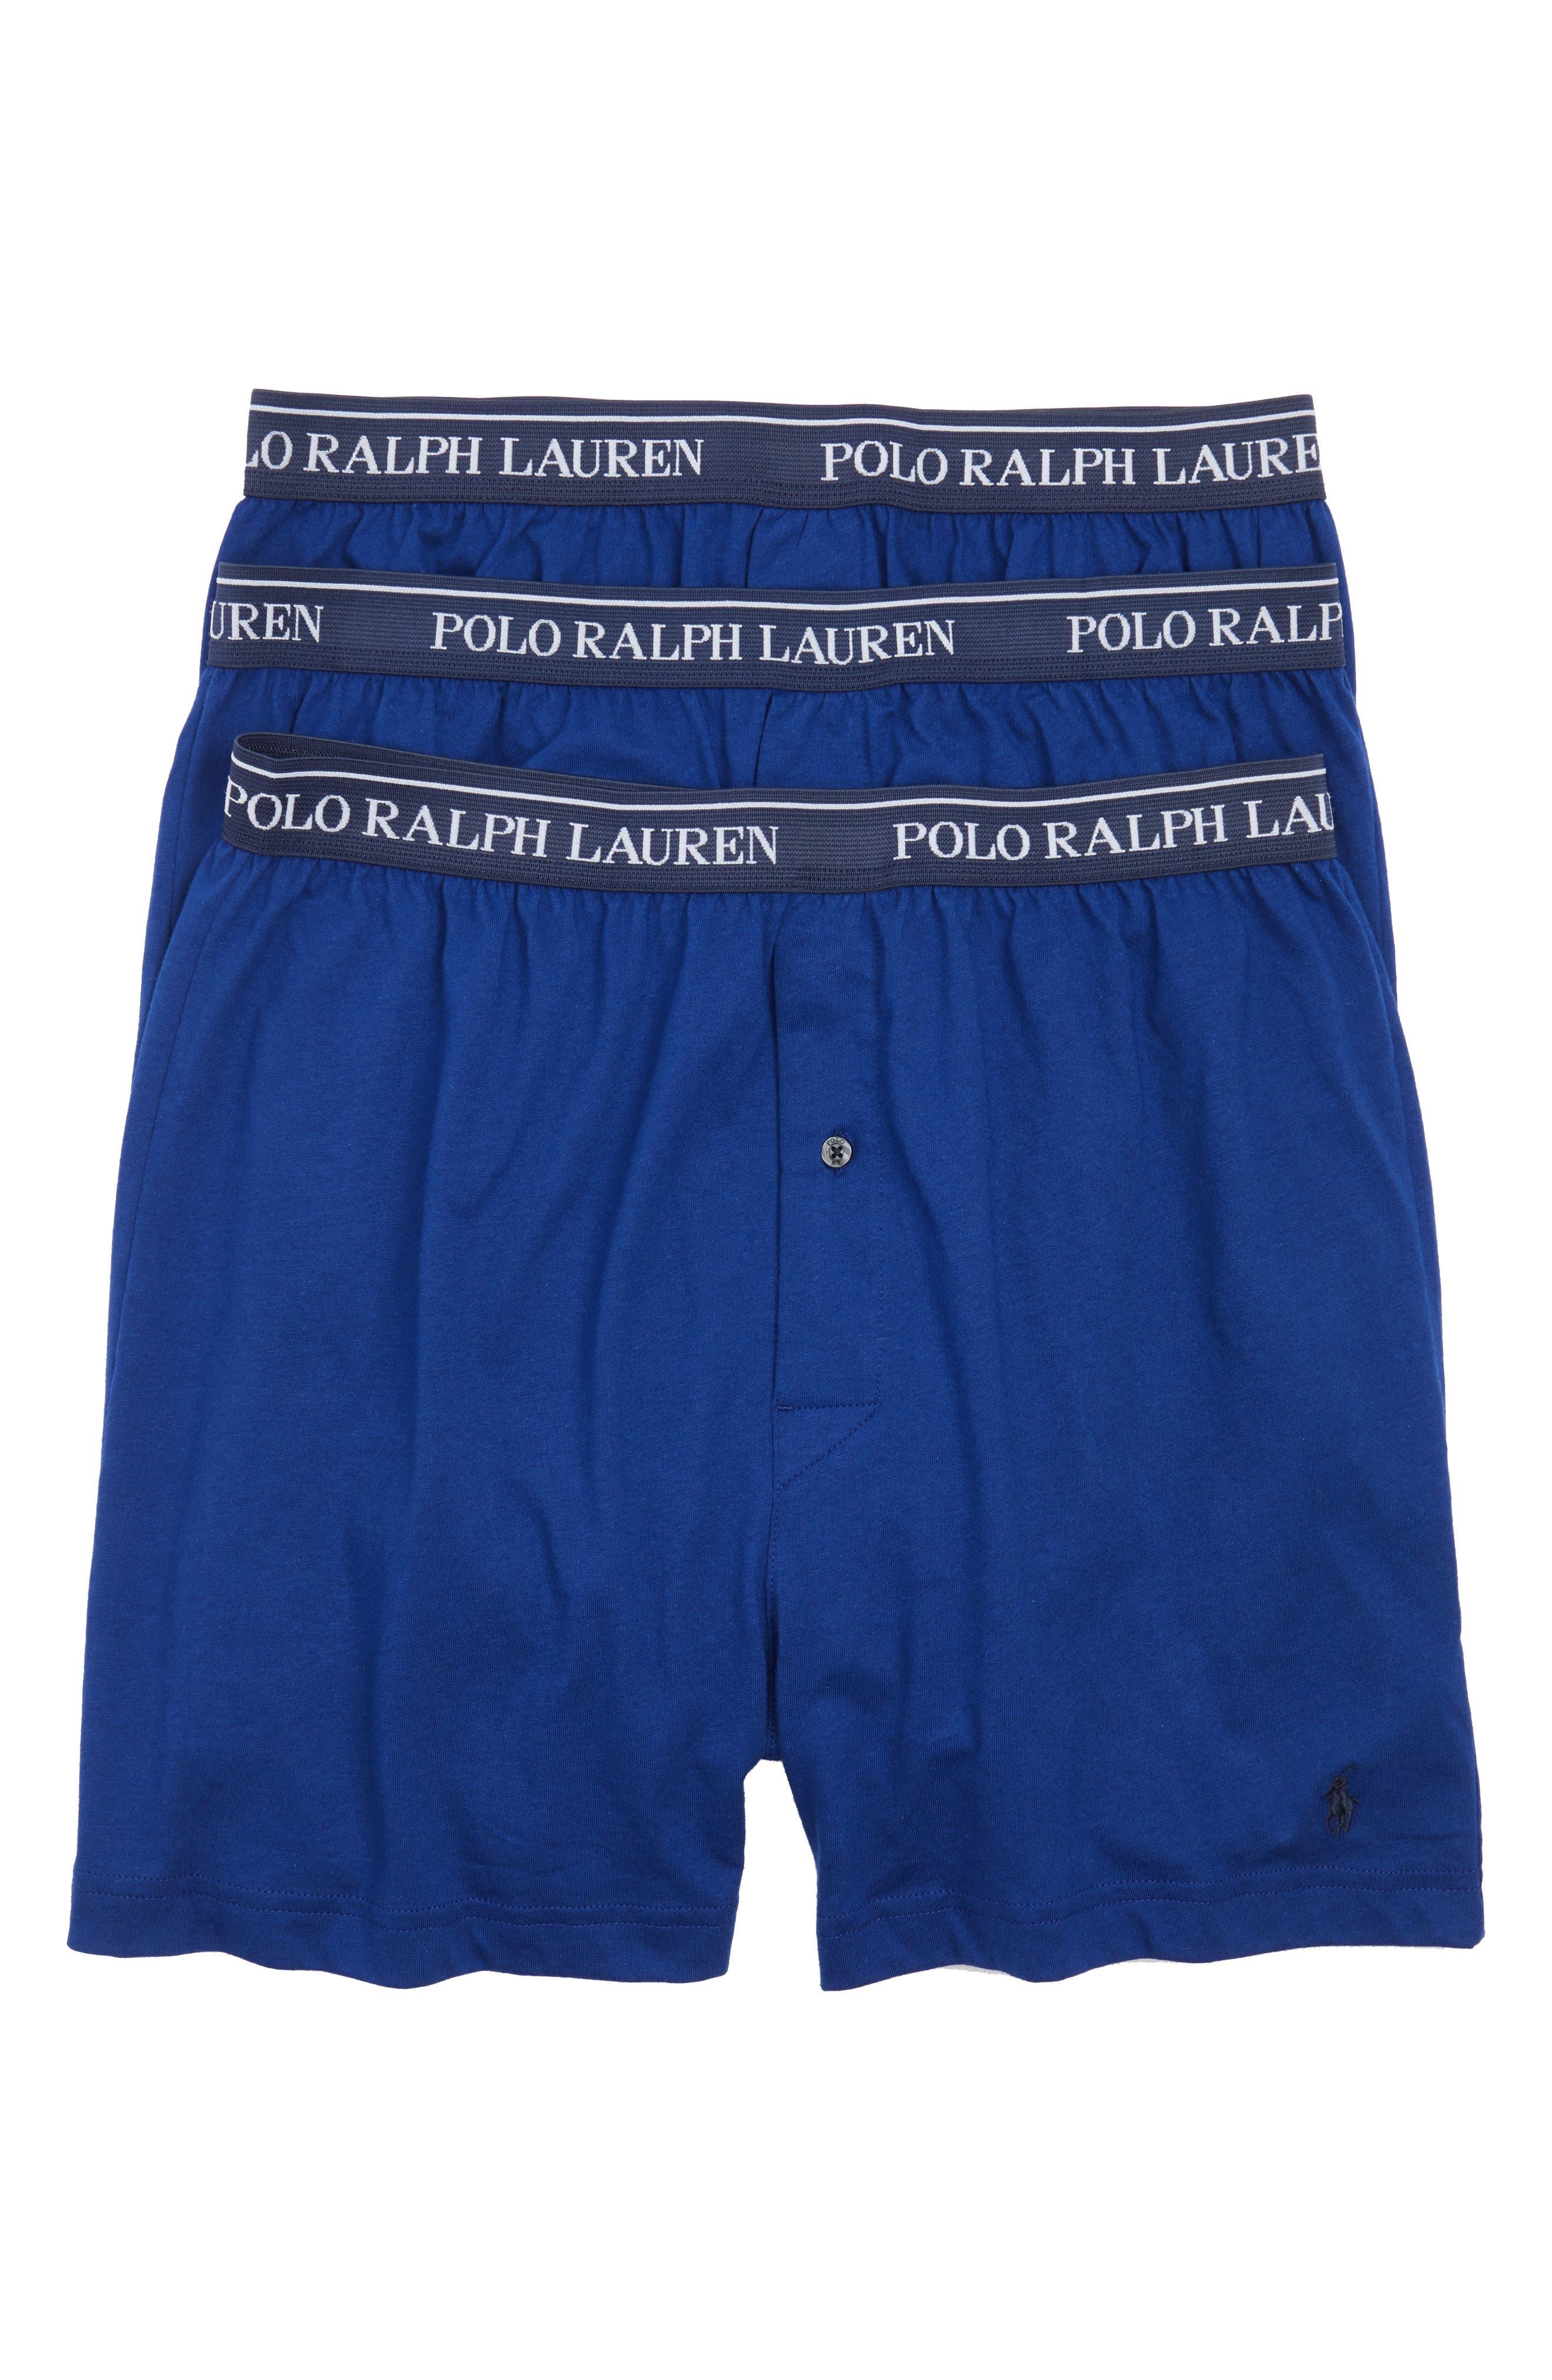 3-Pack Cotton Boxers,                         Main,                         color, Club Royal Blue